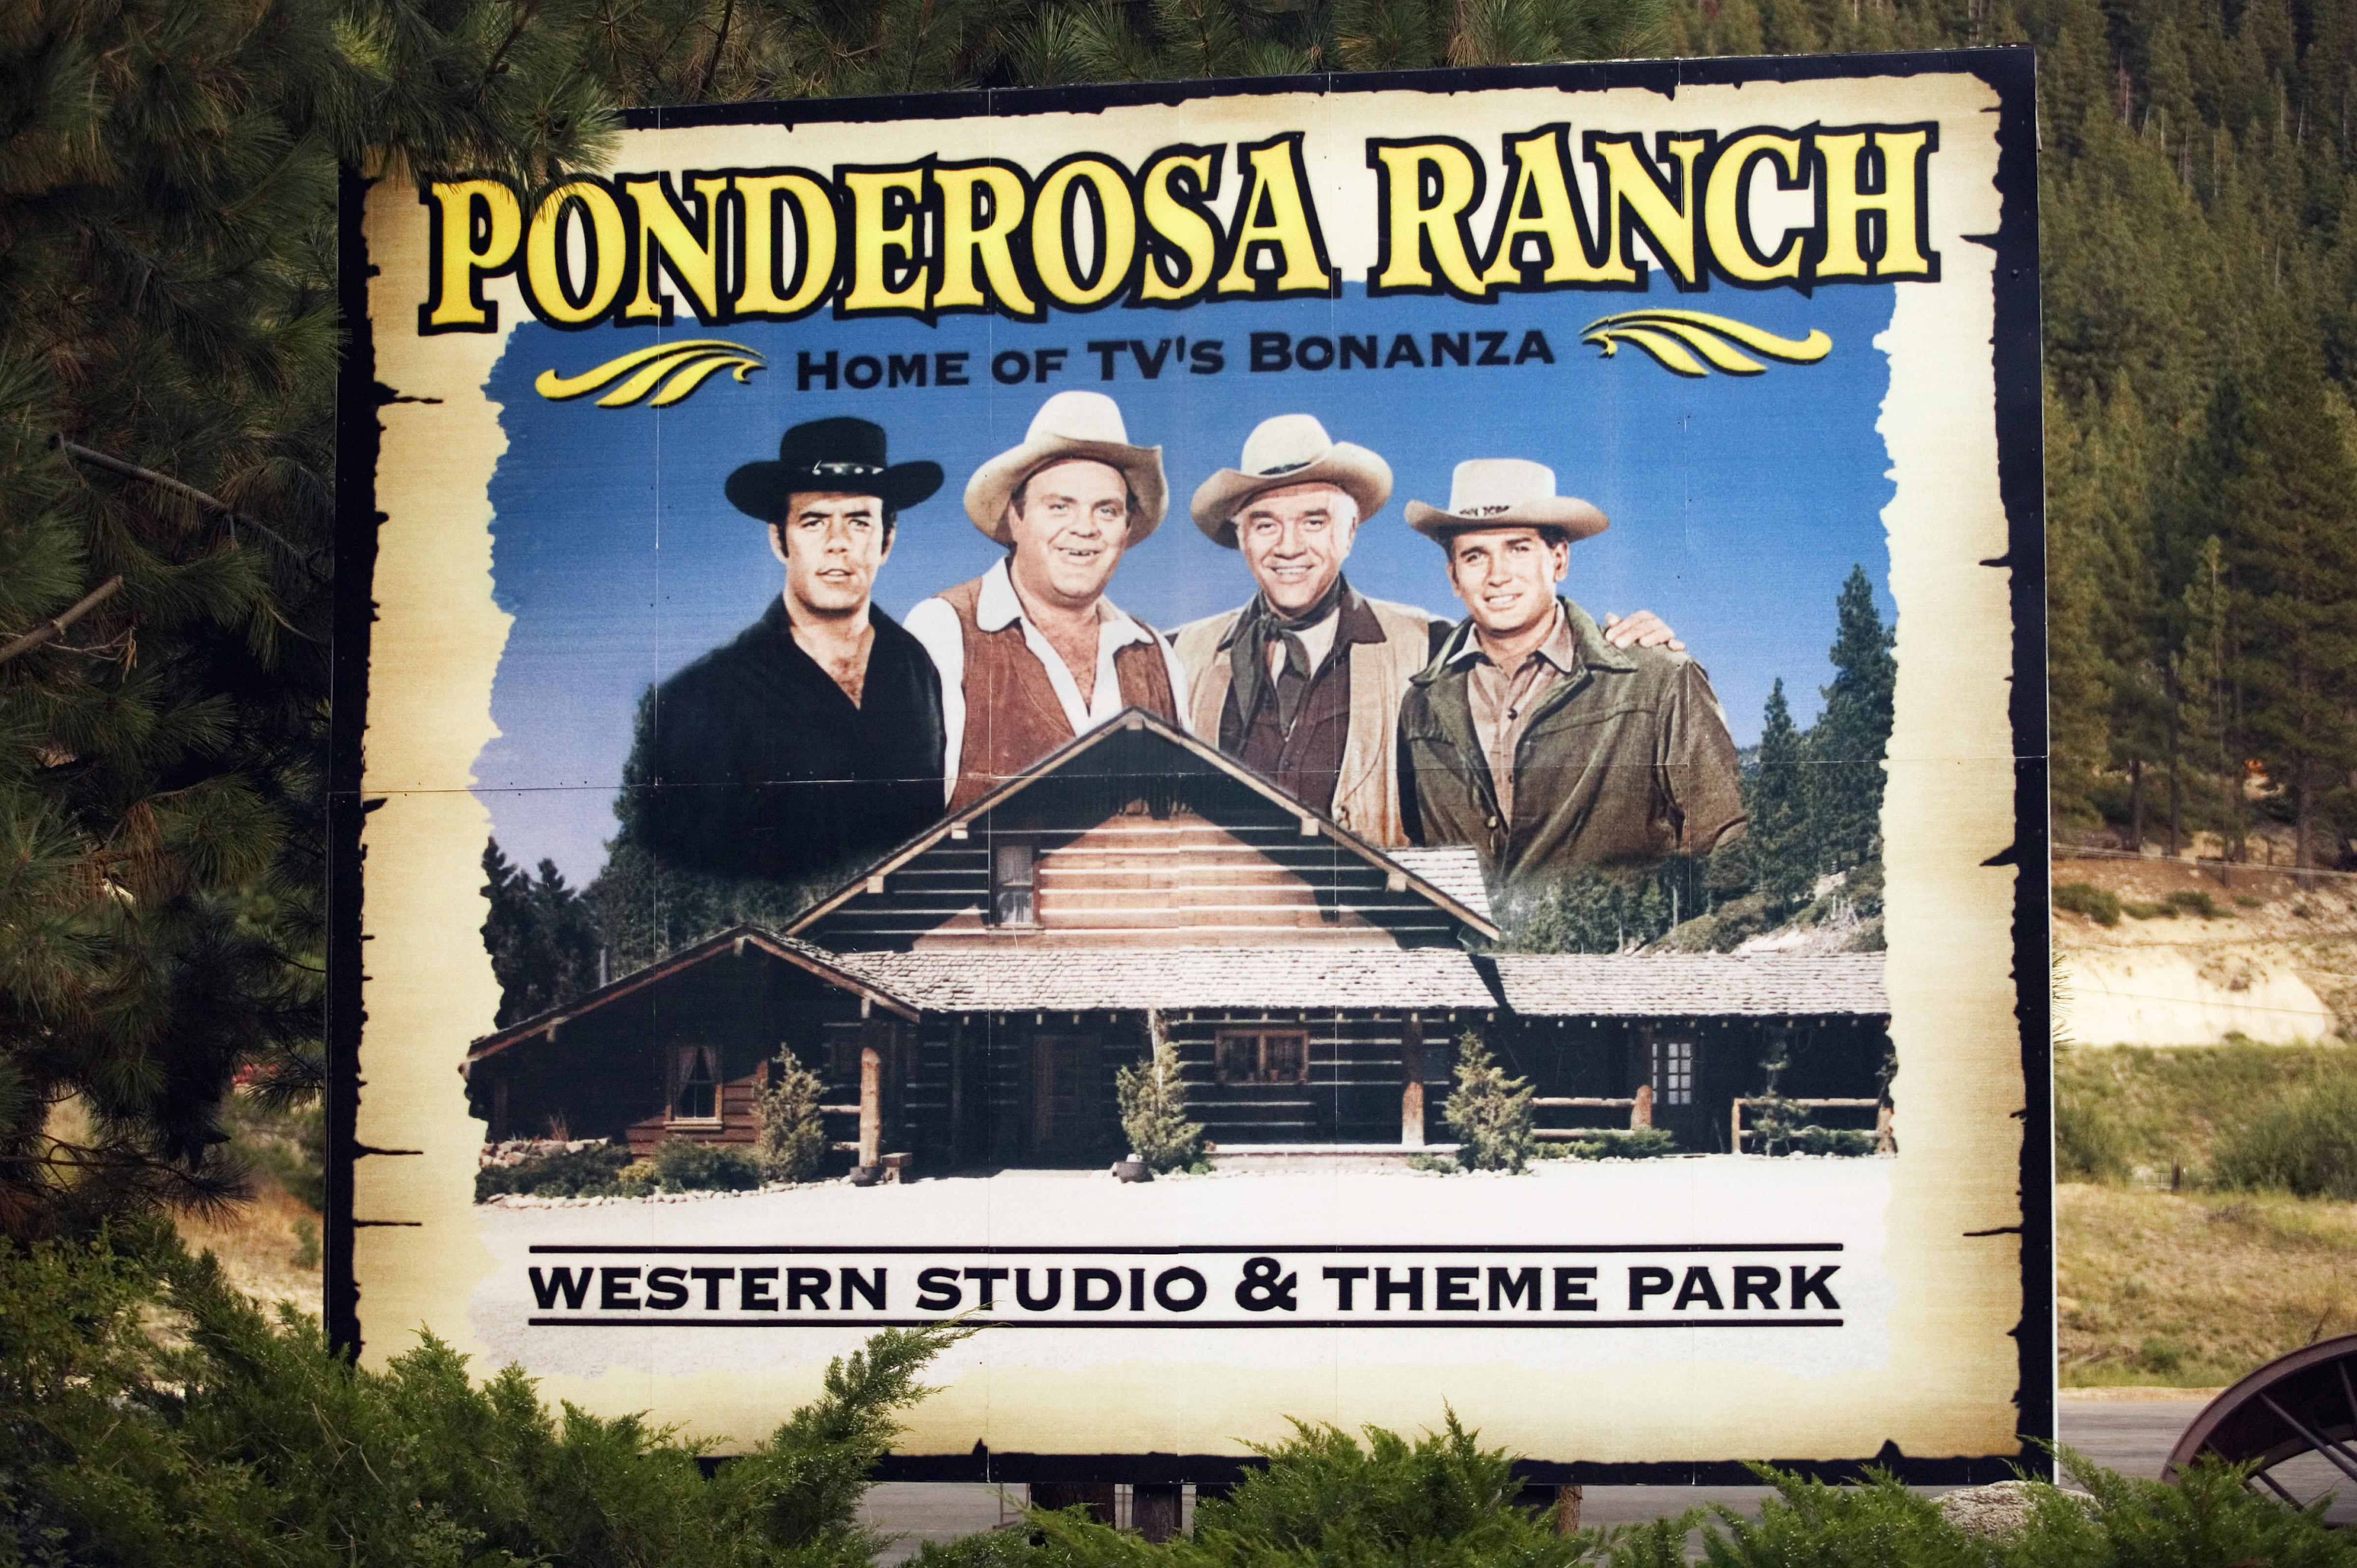 Ponderosa Ranch Bonanza TV Location at Lake Tahoe